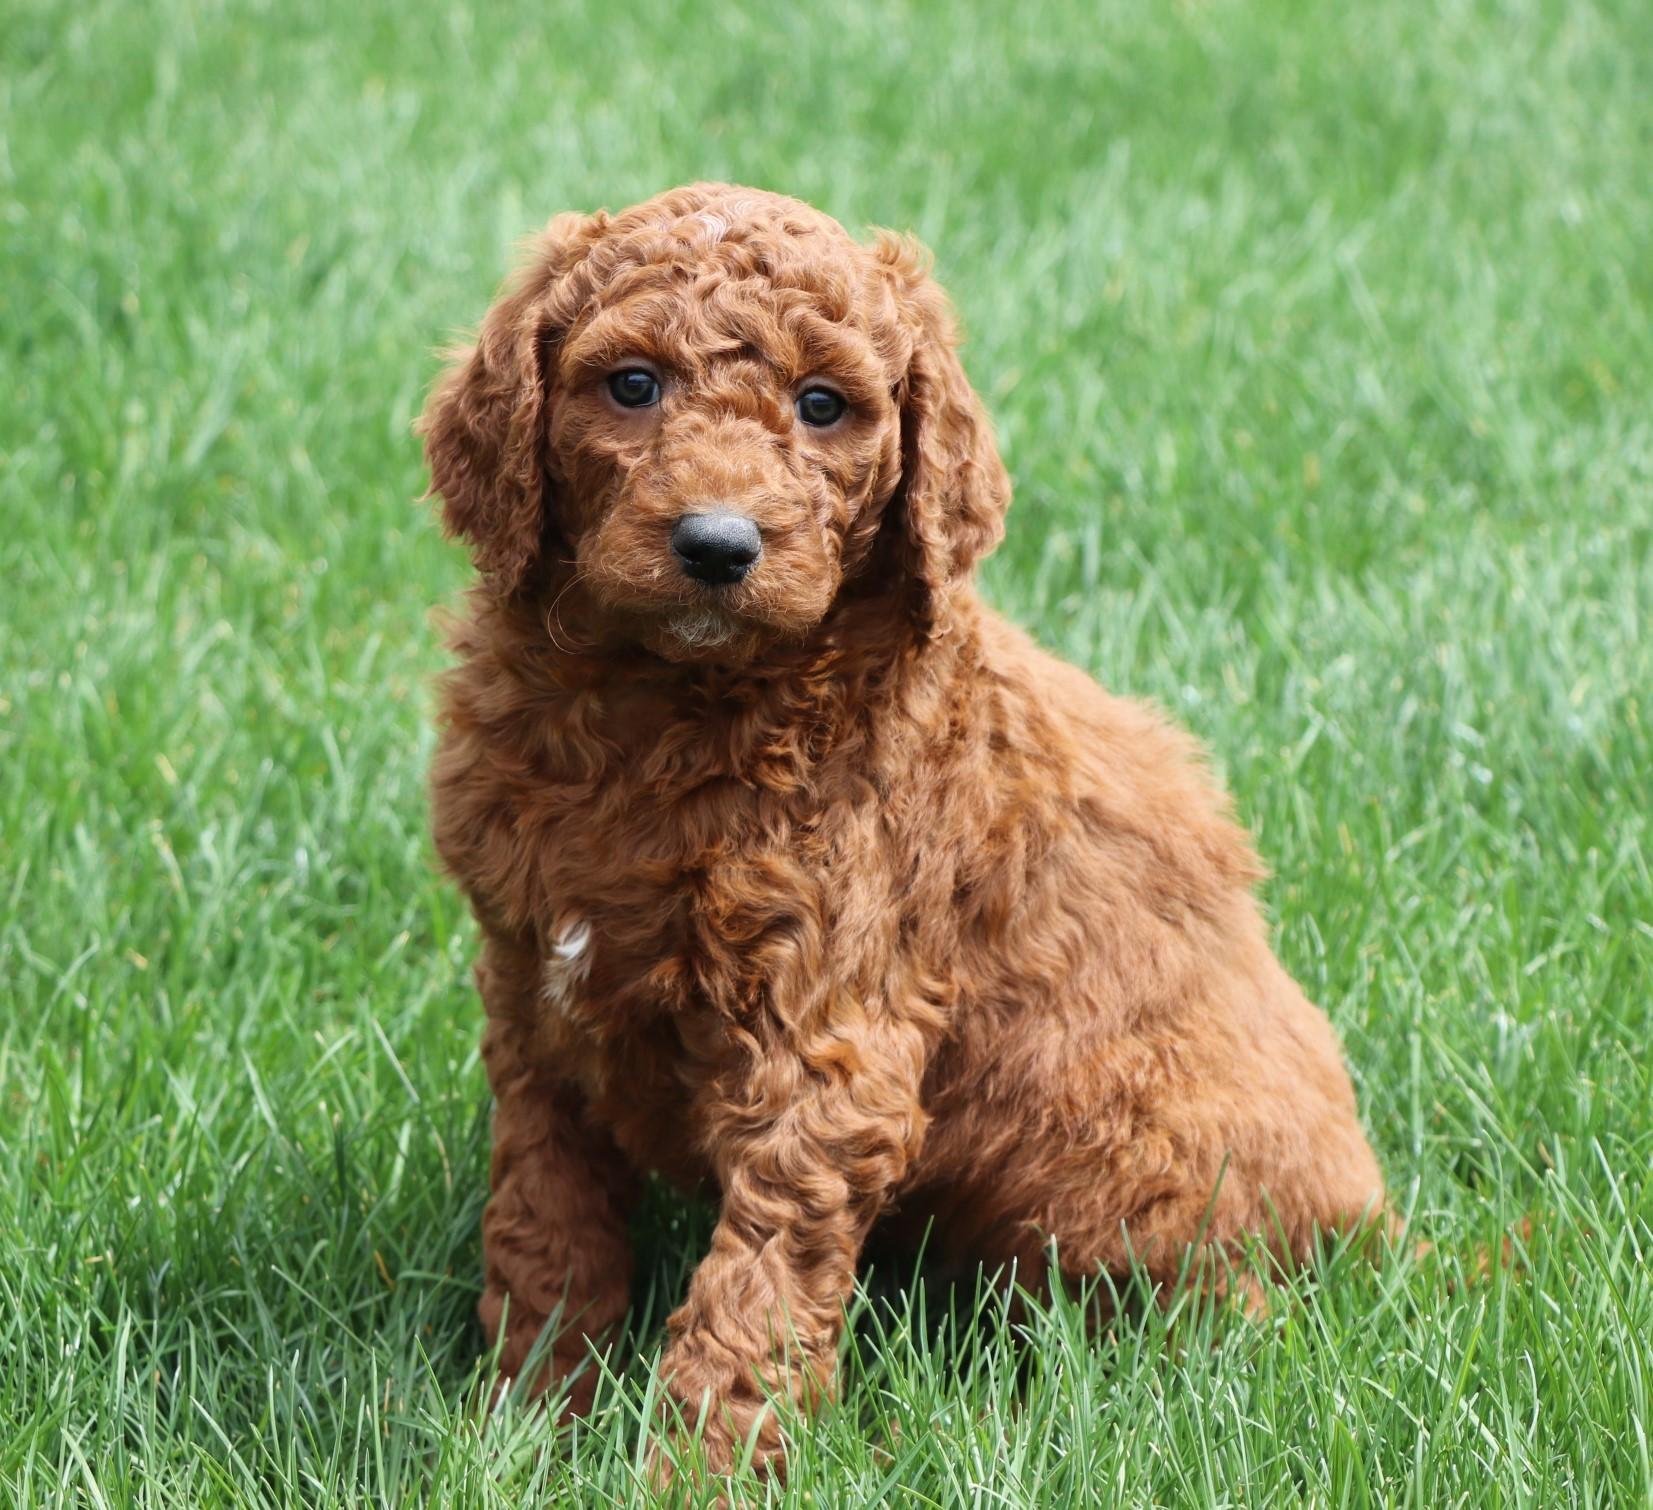 adorable dog